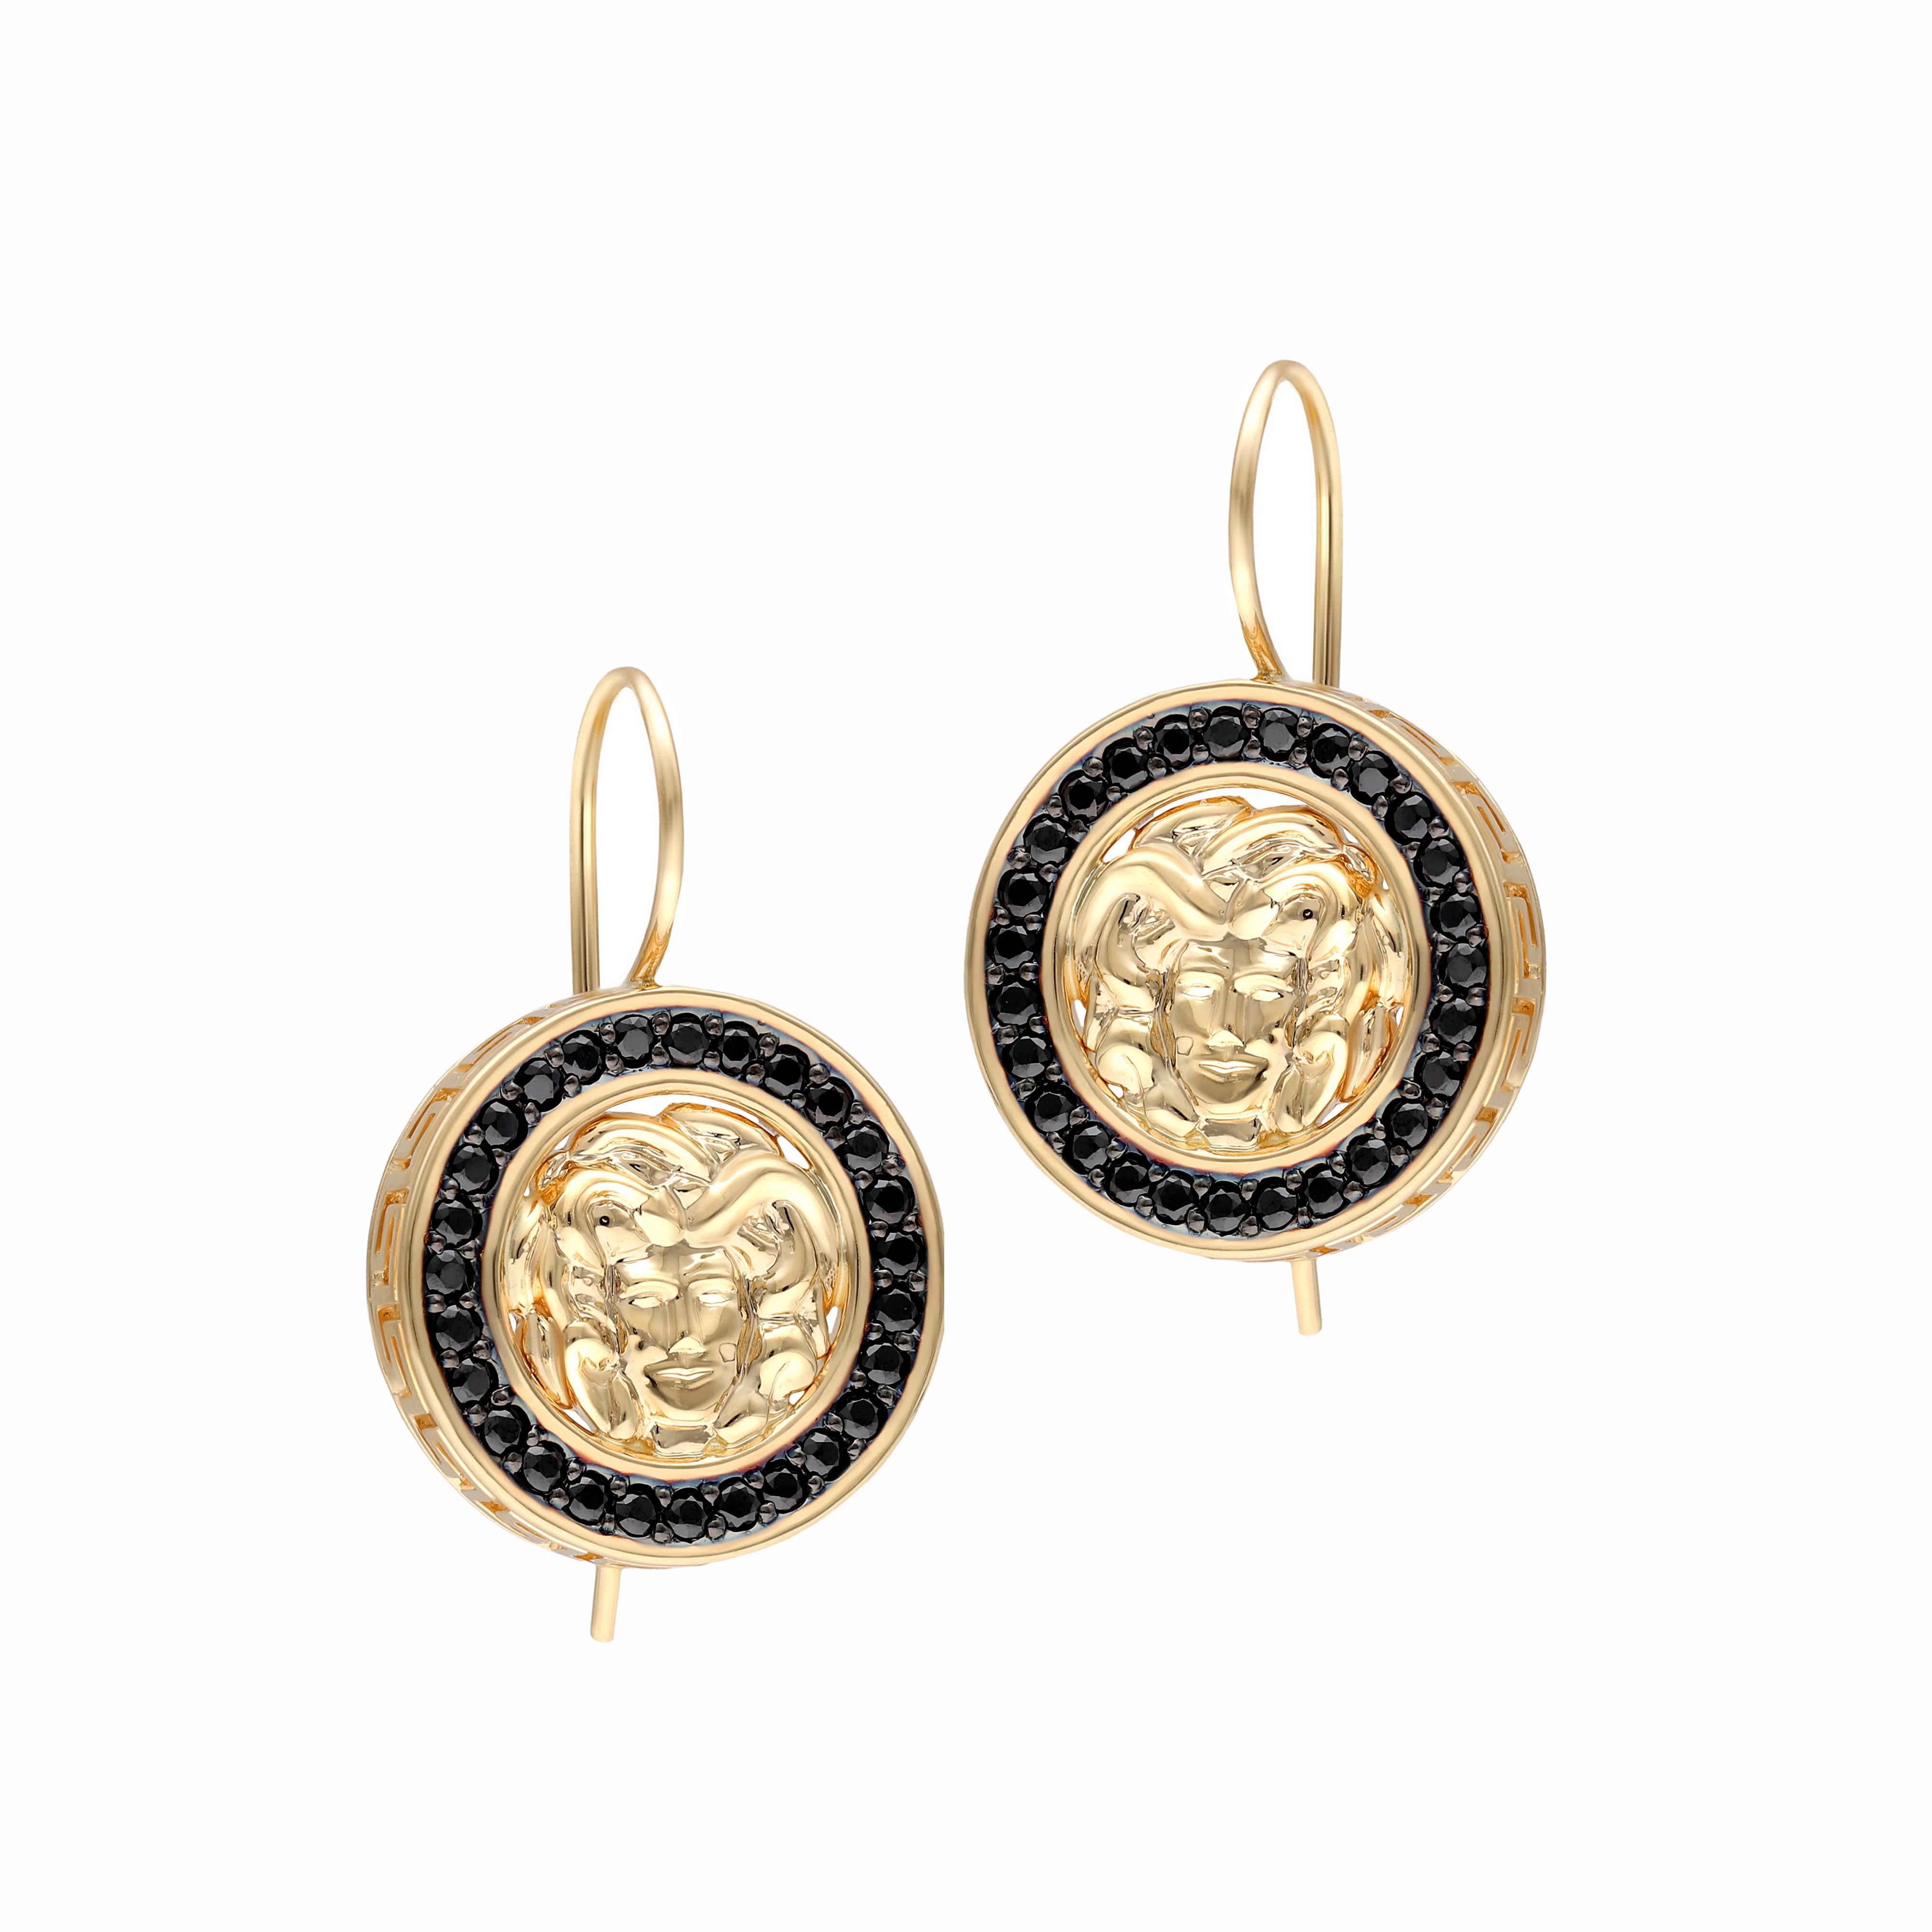 Kolczyki z żółtego złota z czarnymi cyrkoniami, zapięcie bigle, próba 585.